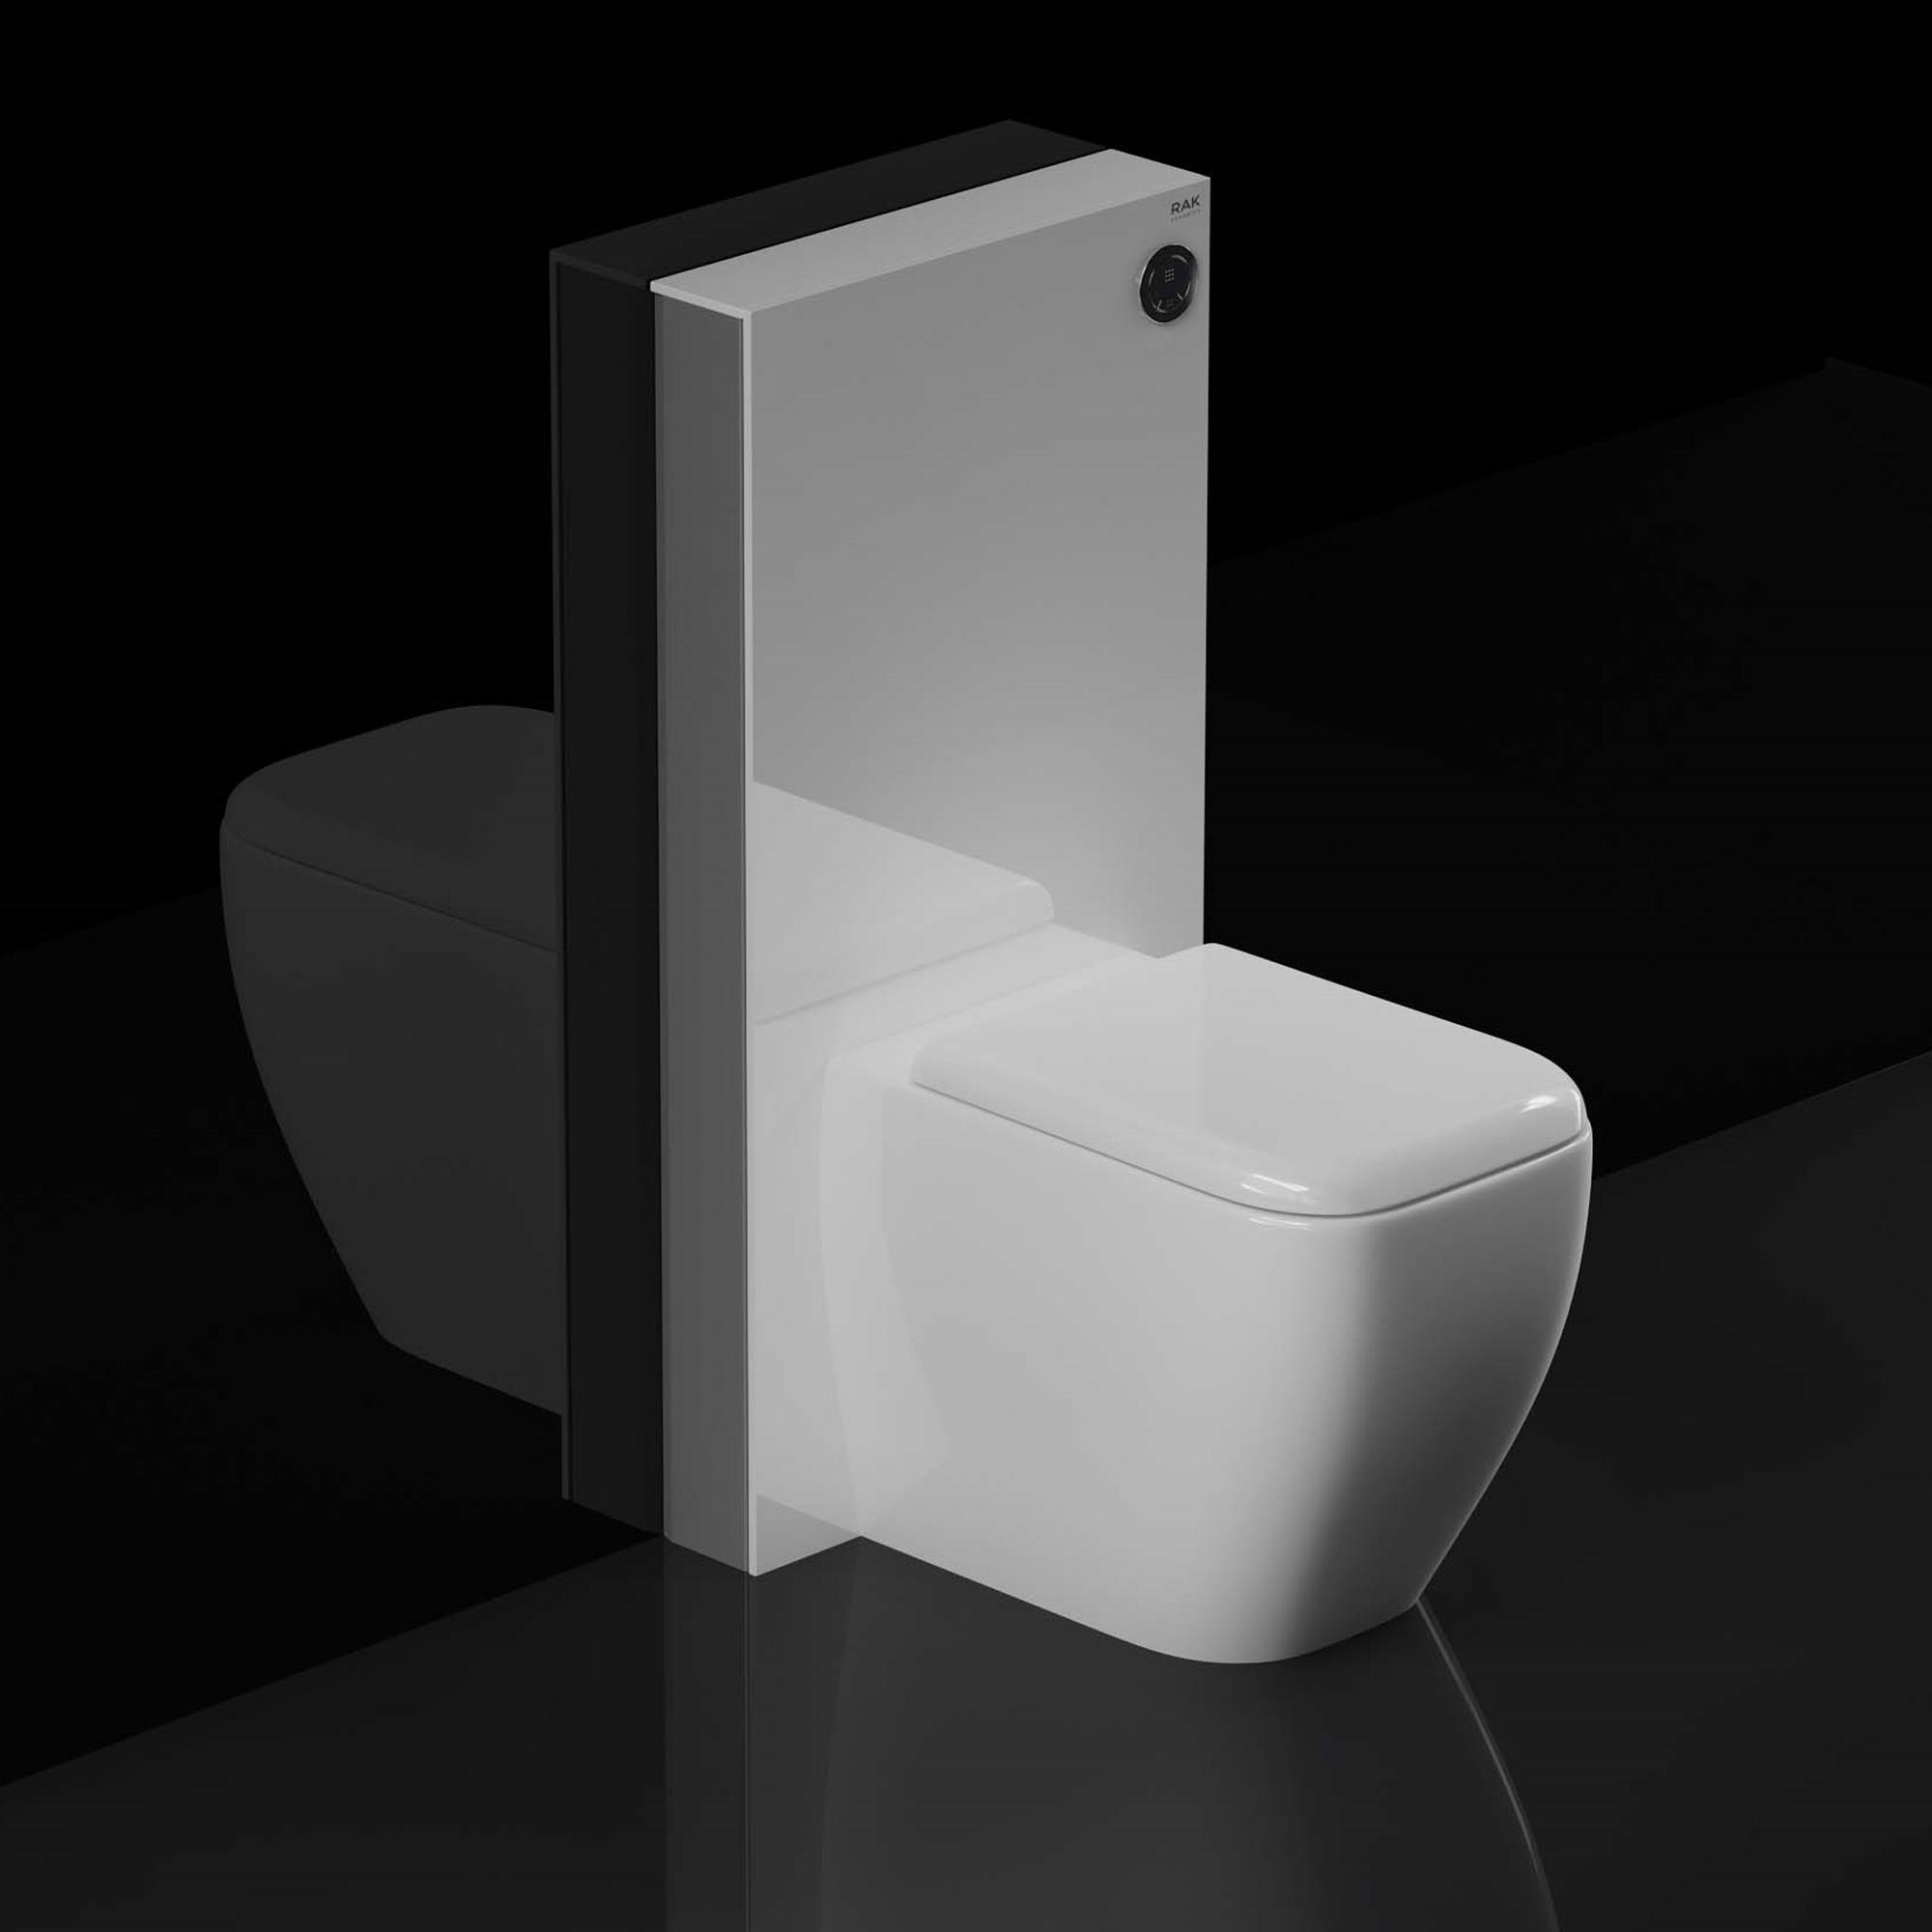 Rak Obelisk Cistern Cabinet For Back To Wall Toilet Pan White 5056176003692 Ebay